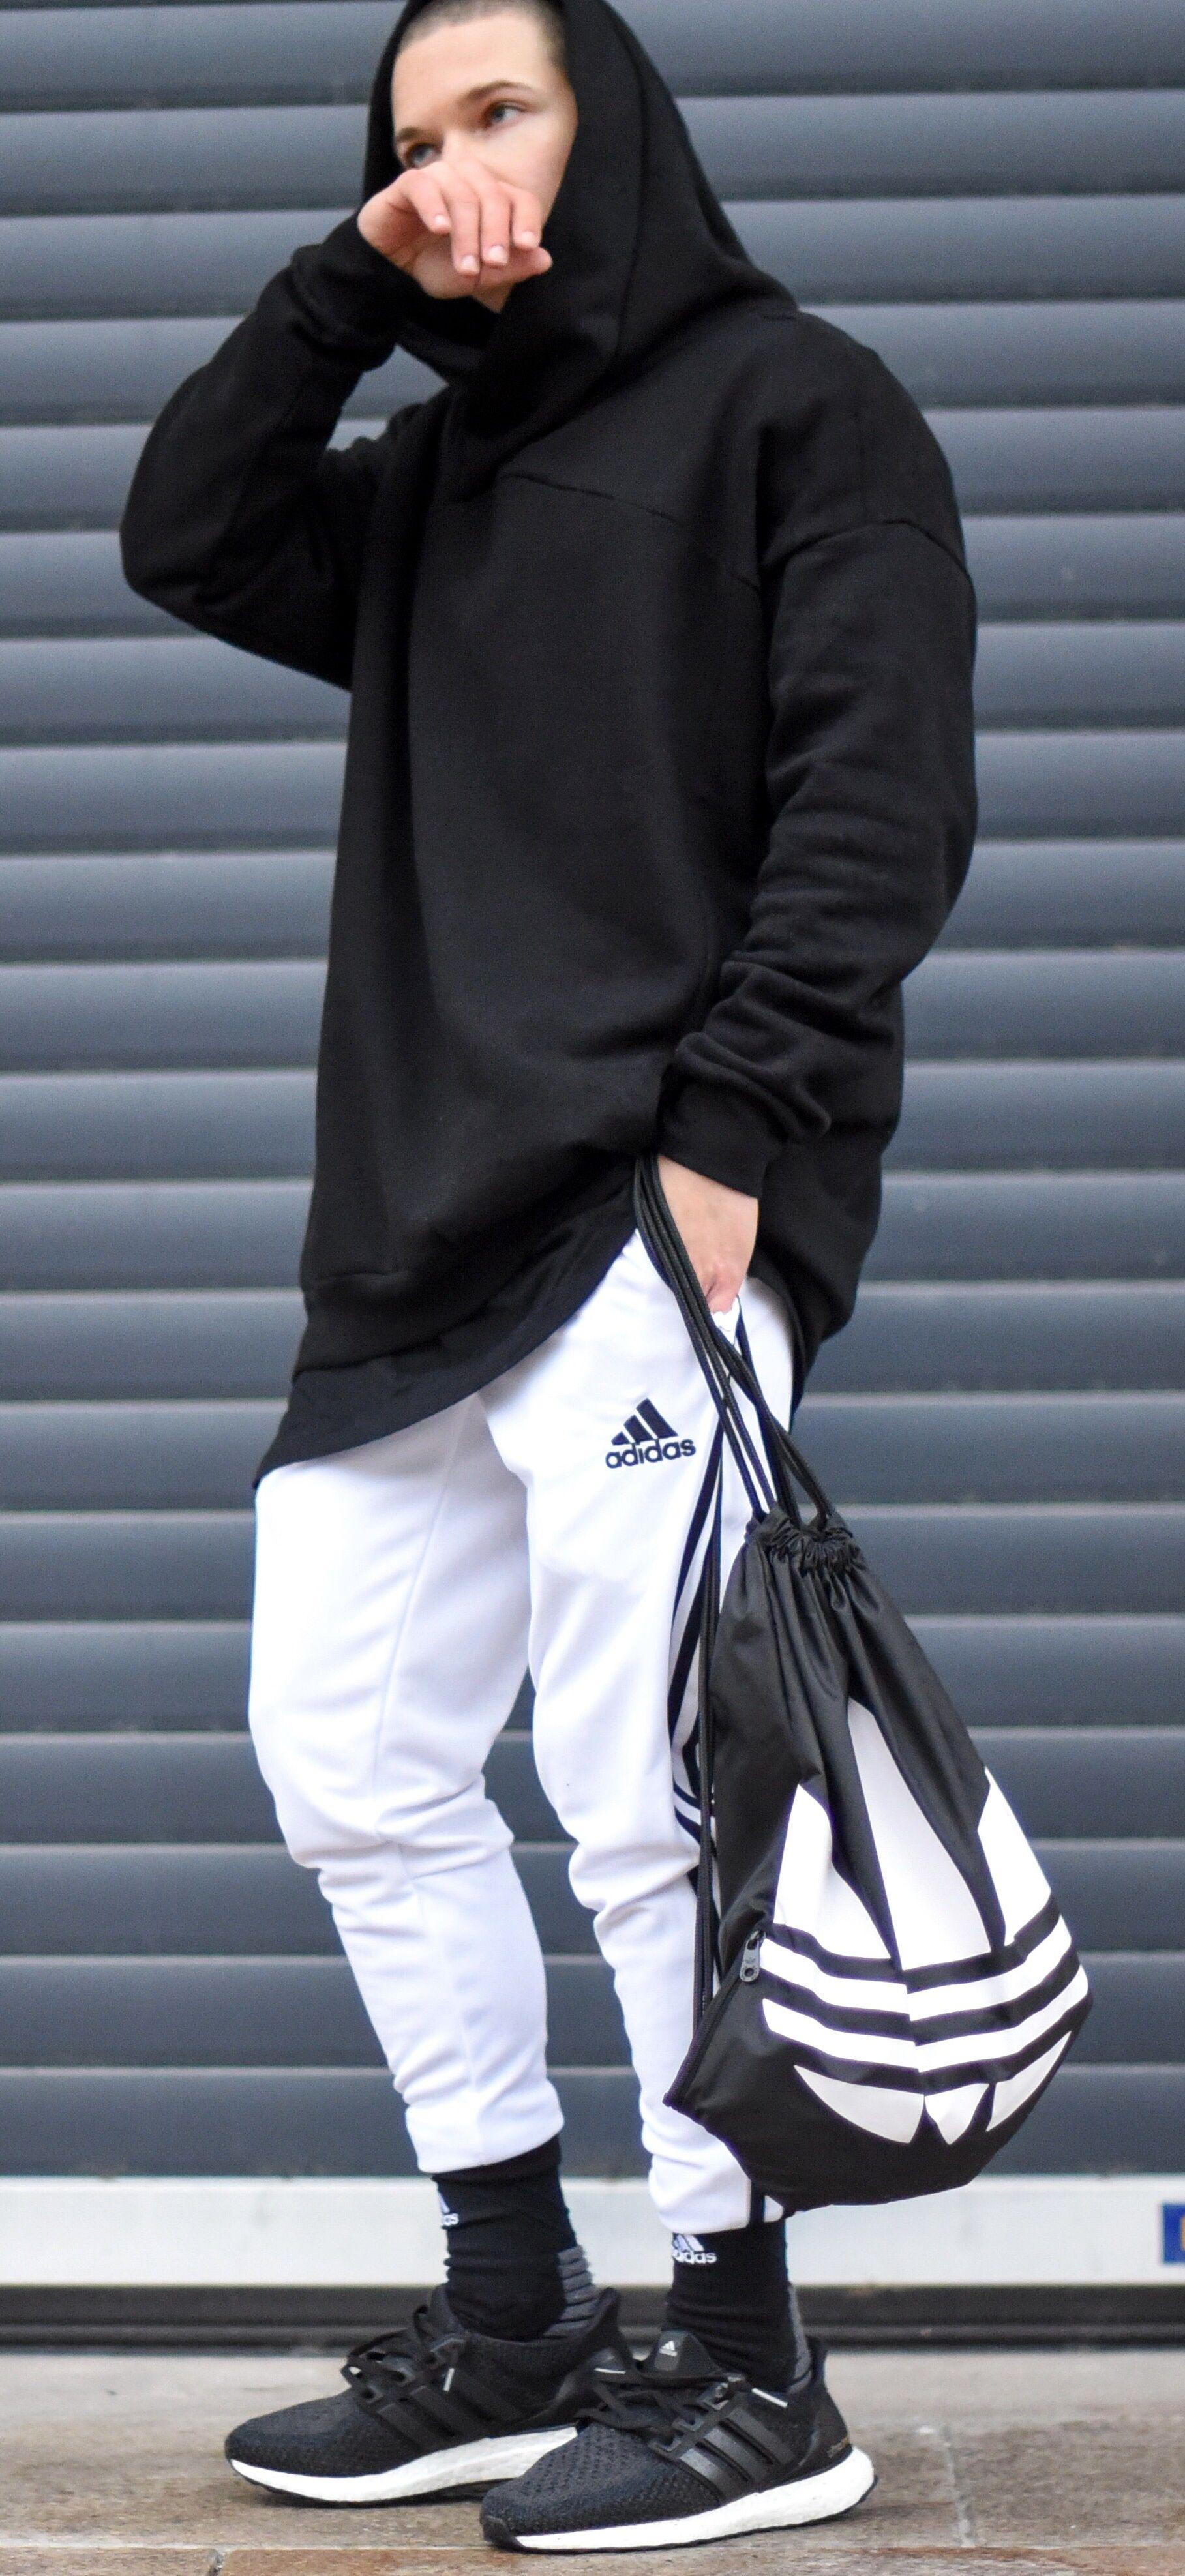 SWAGGER Adidas Fashion, Sport Fashion, Fashion Models, Runway Fashion, Mens  Fashion, b1855f2a7b4